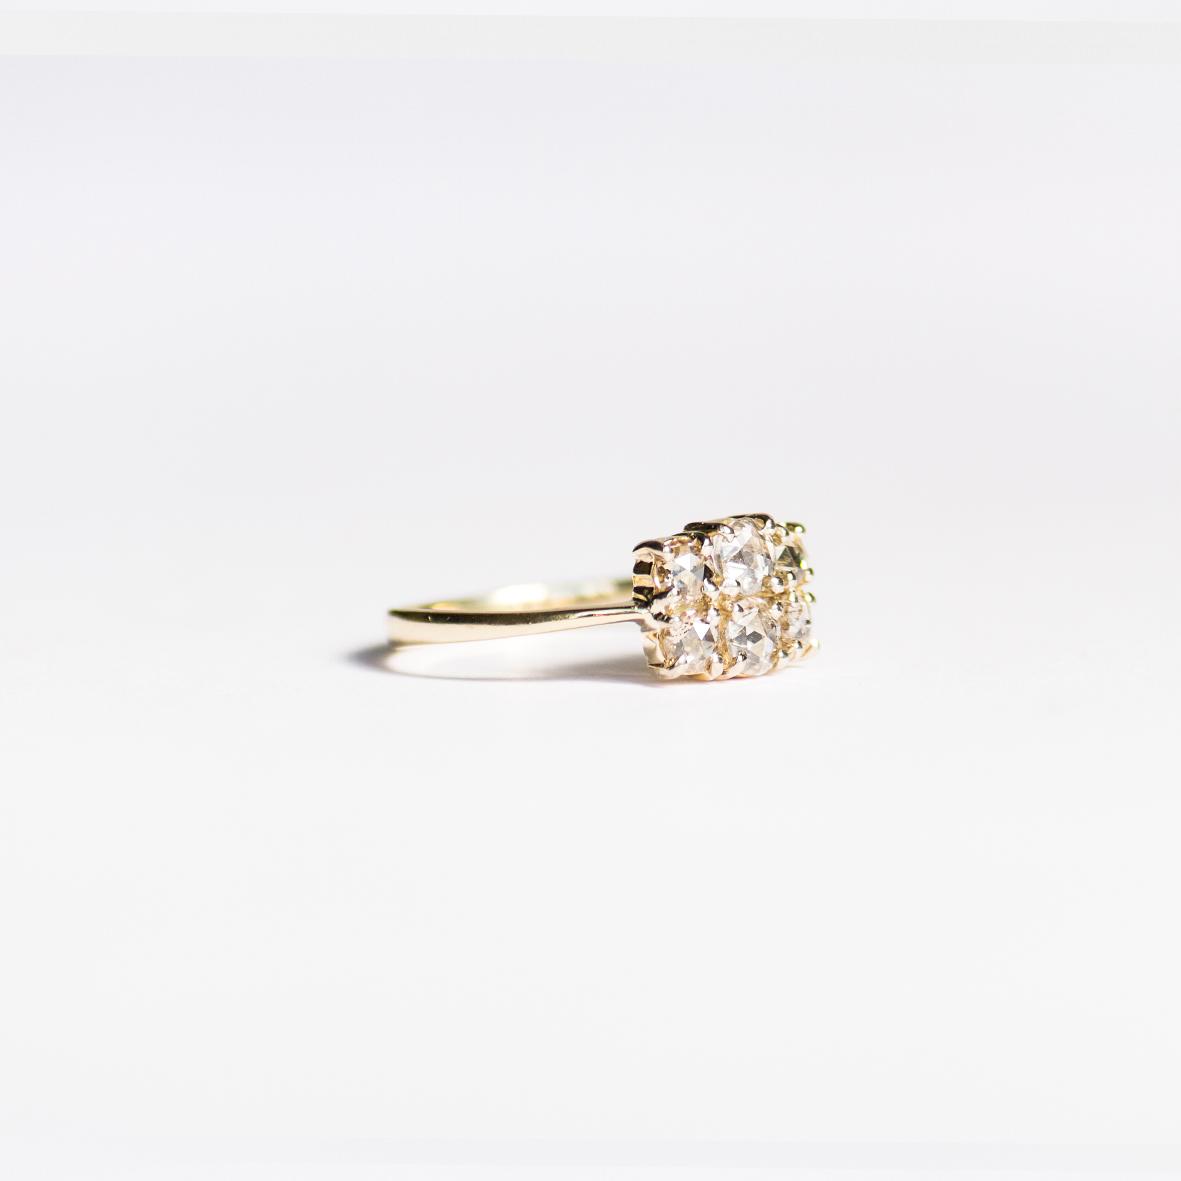 3. OONA_engagement_ficha2_six rose cut diamond ring